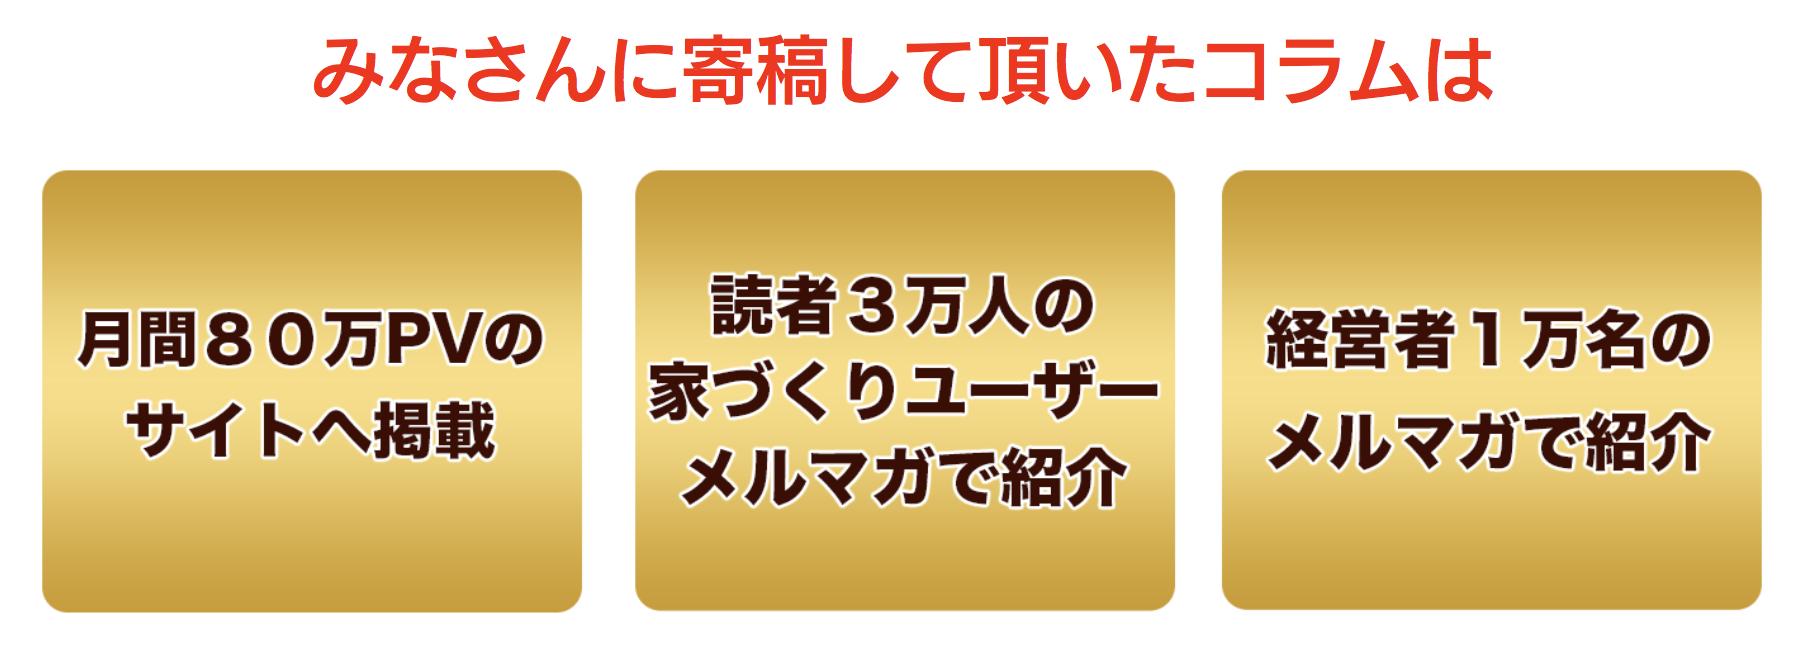 スクリーンショット 2020-03-30 15.10.19